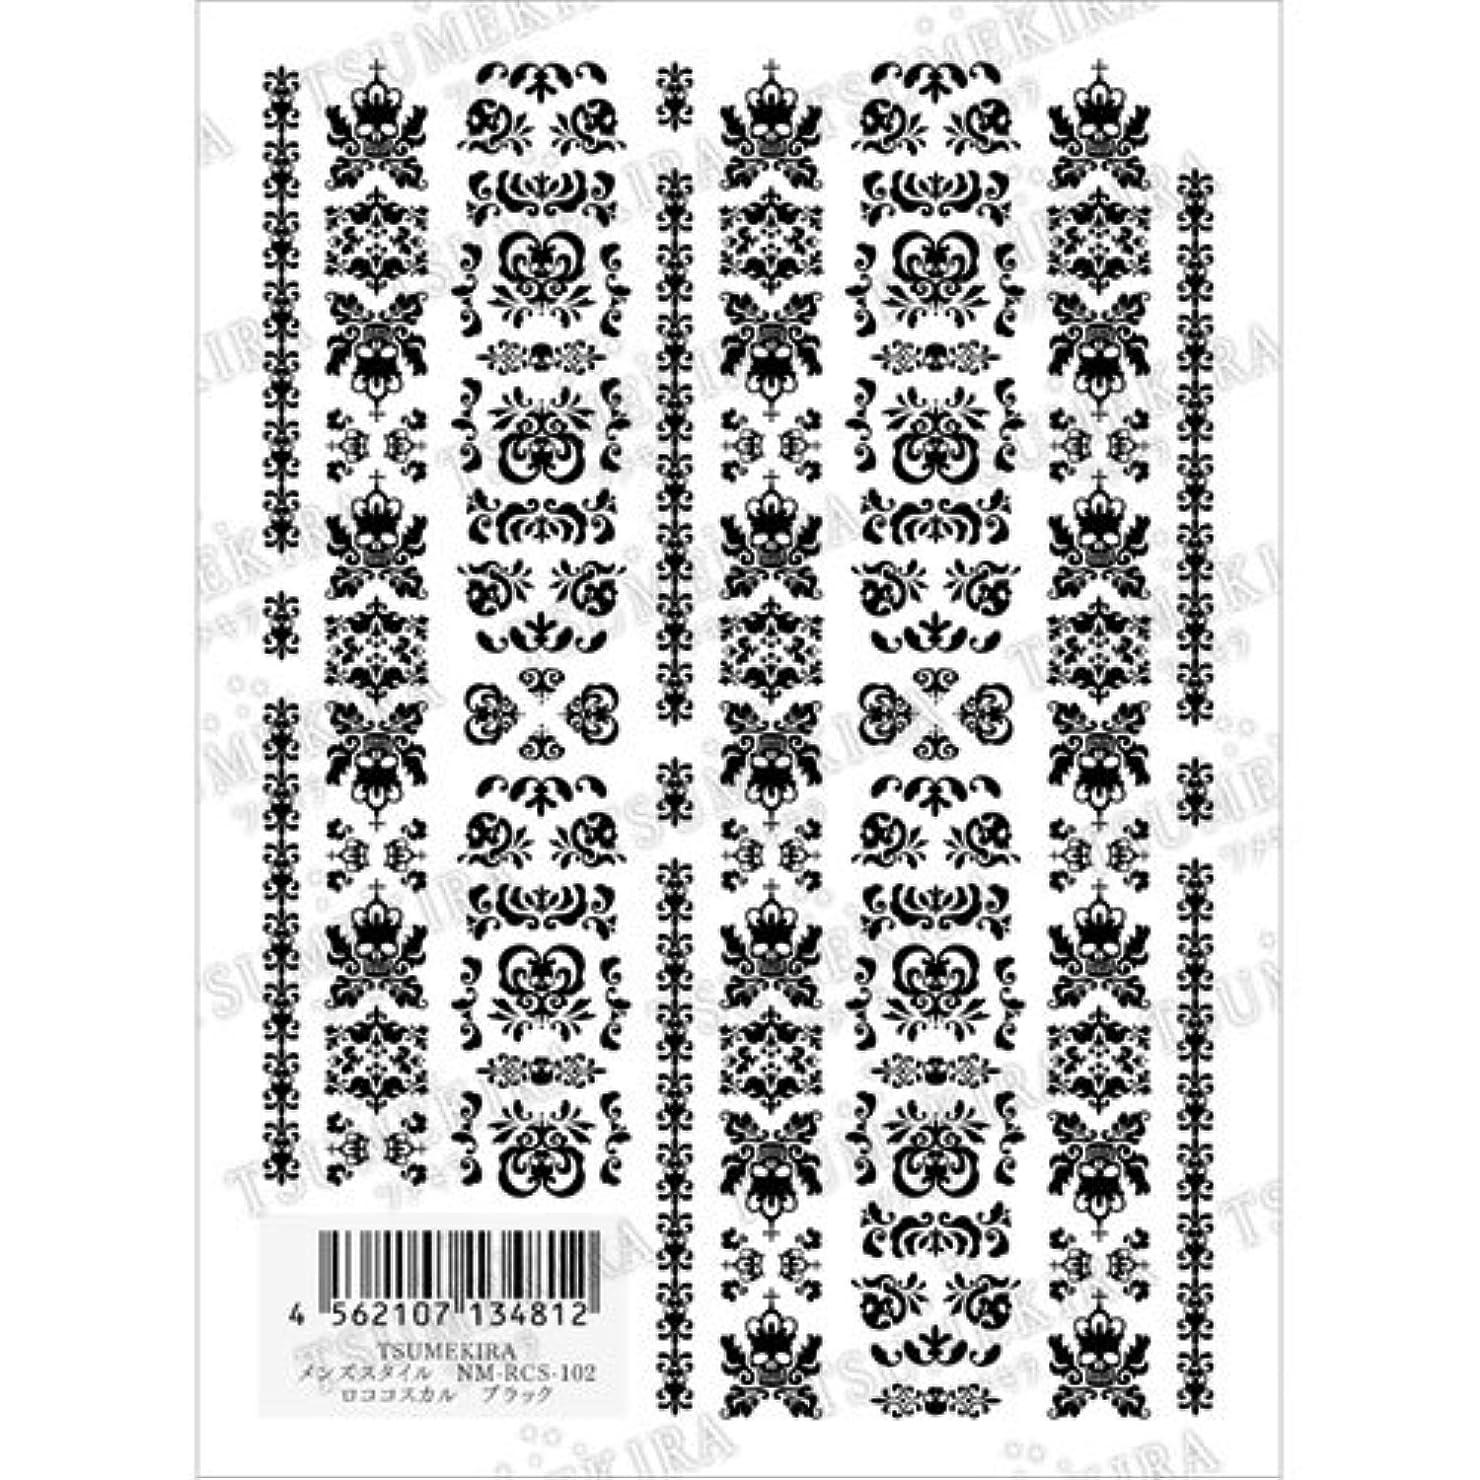 ツメキラ ネイル用シール メンズスタイル ロココスカル ブラック